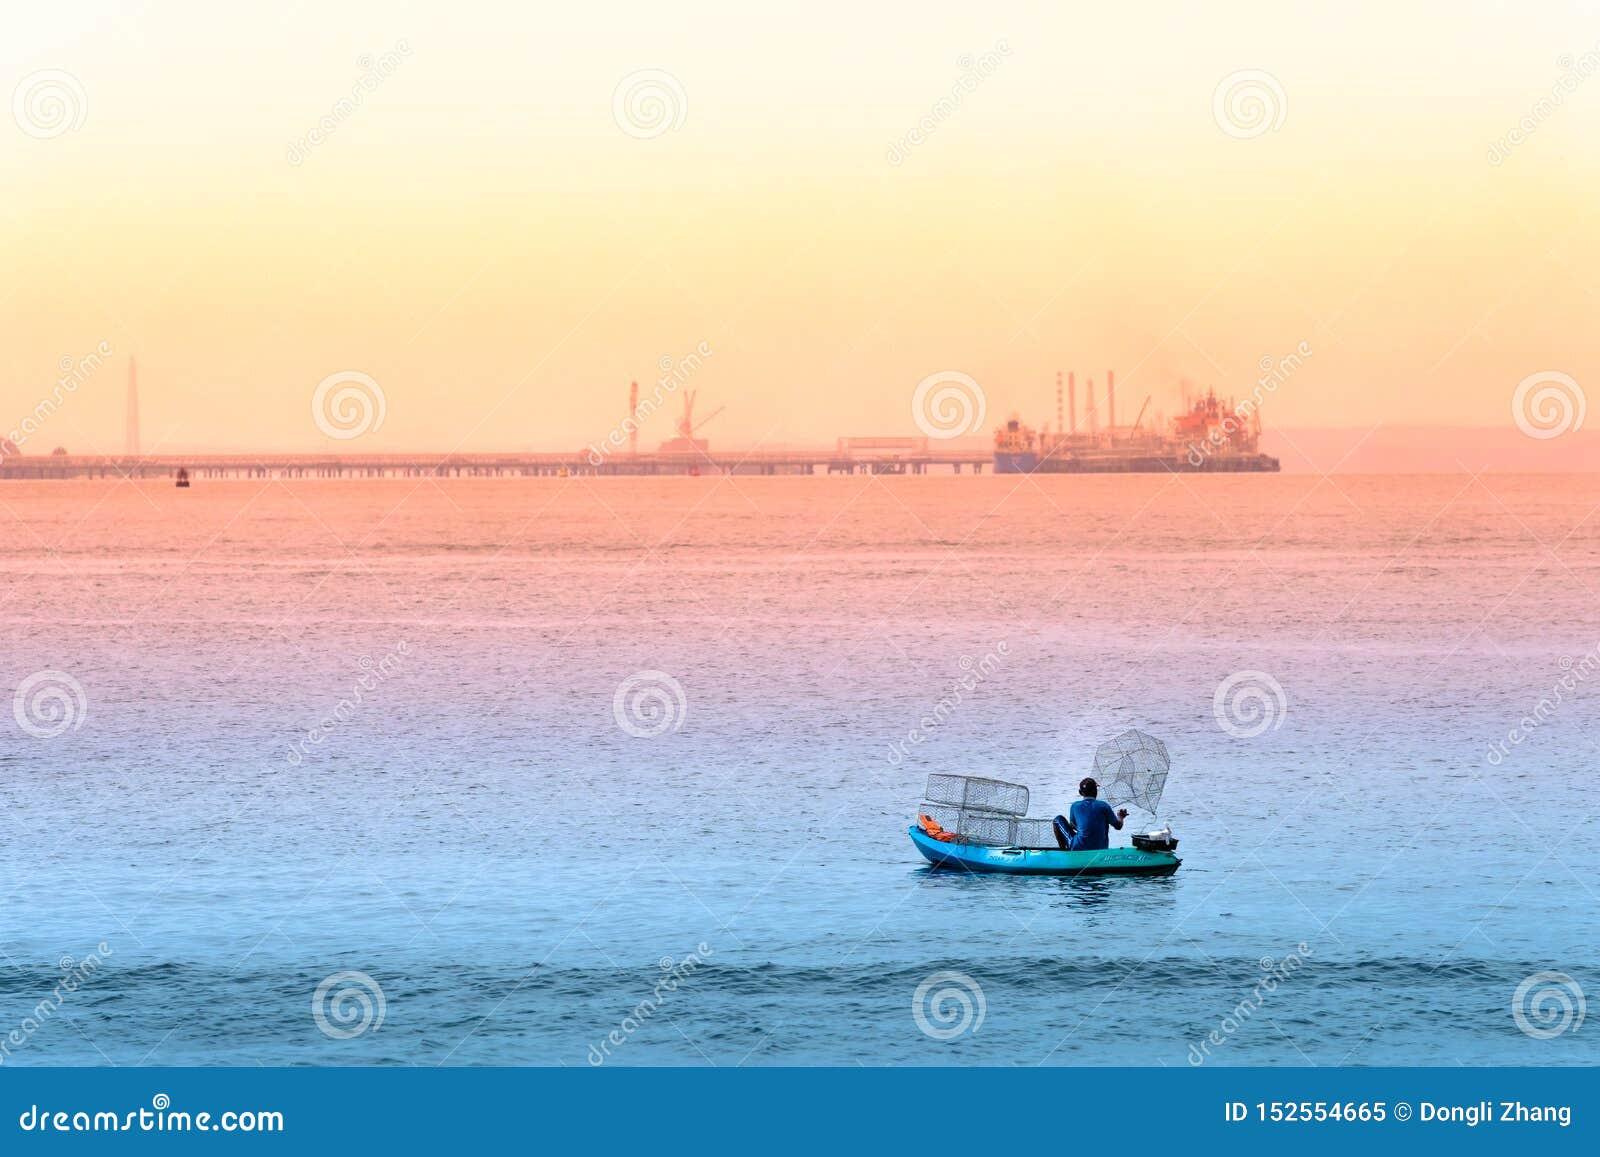 Singapore-29 JUNI 2019: Fiskaren fiskar i havet, genom att förlägga burar